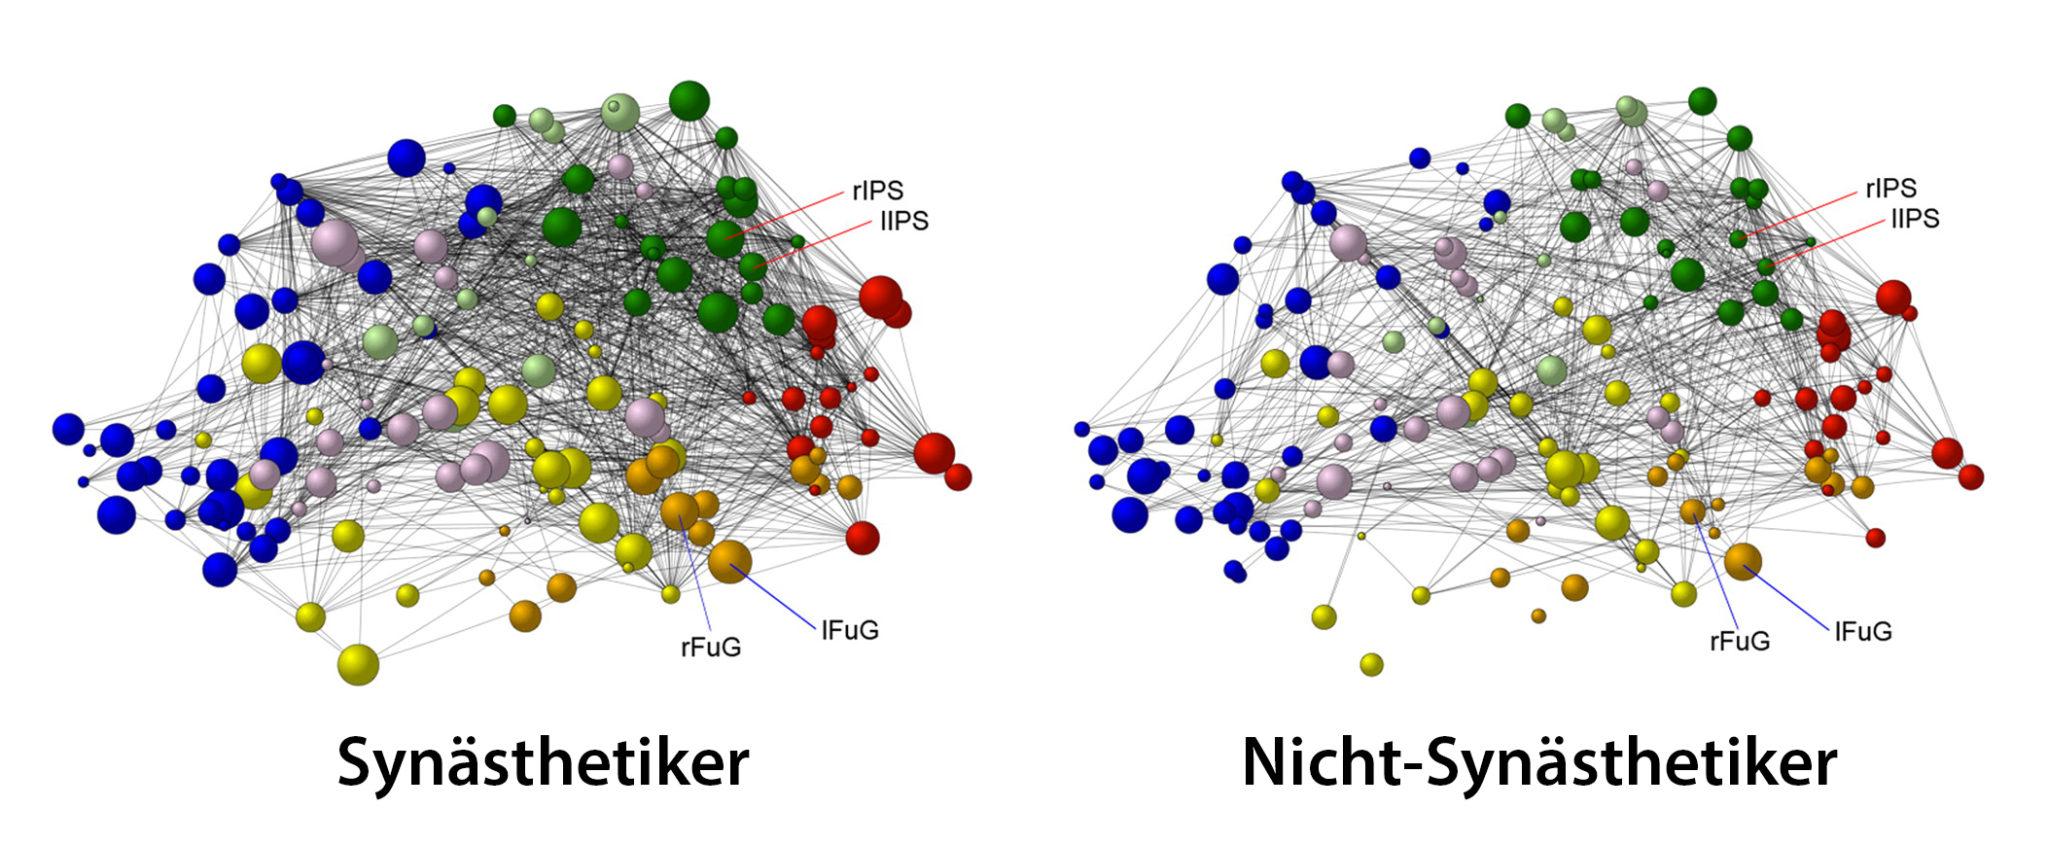 Schematische Darstellung von Verknüpfungen im Gehirn: Jenes von Synästhetikern ist komplexer als bei Nicht-Synästhetikern.